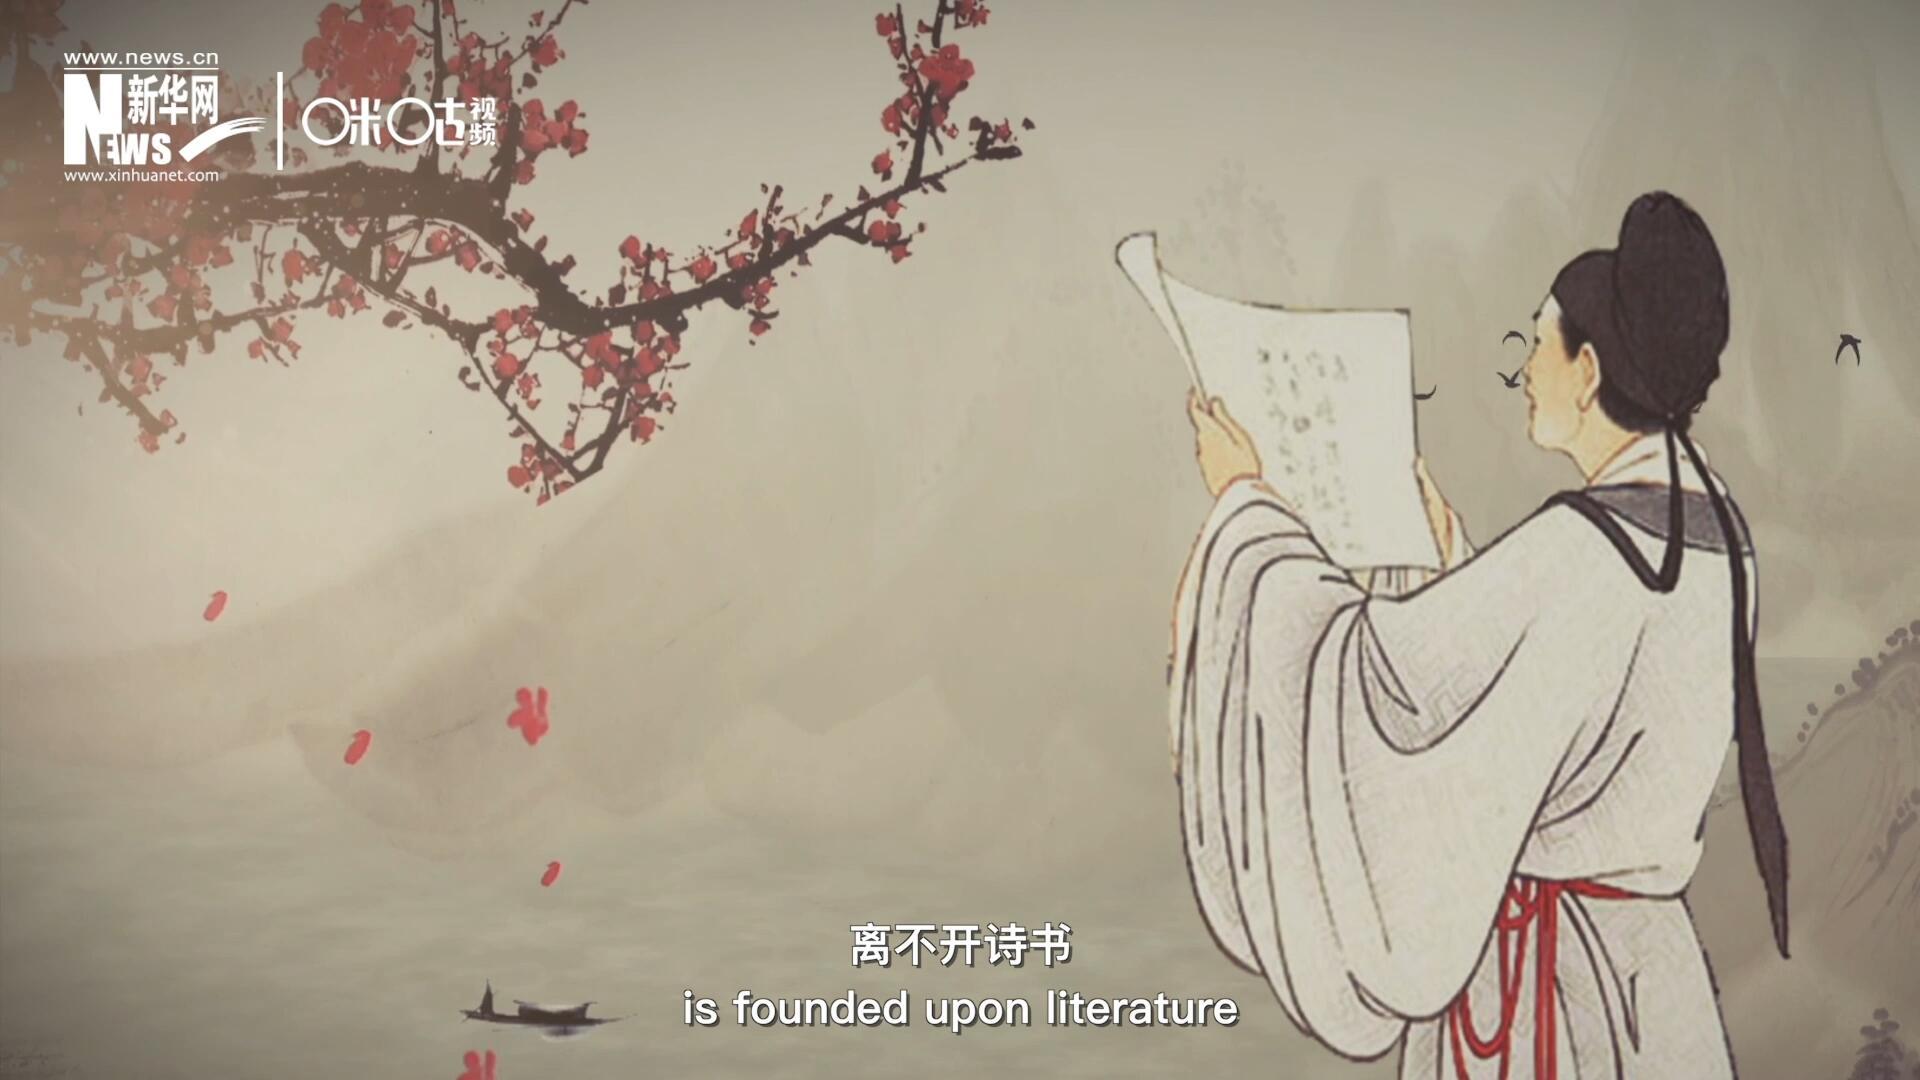 中国人的精神世界,离不开诗书,中国人的物质生活,则离不开算术